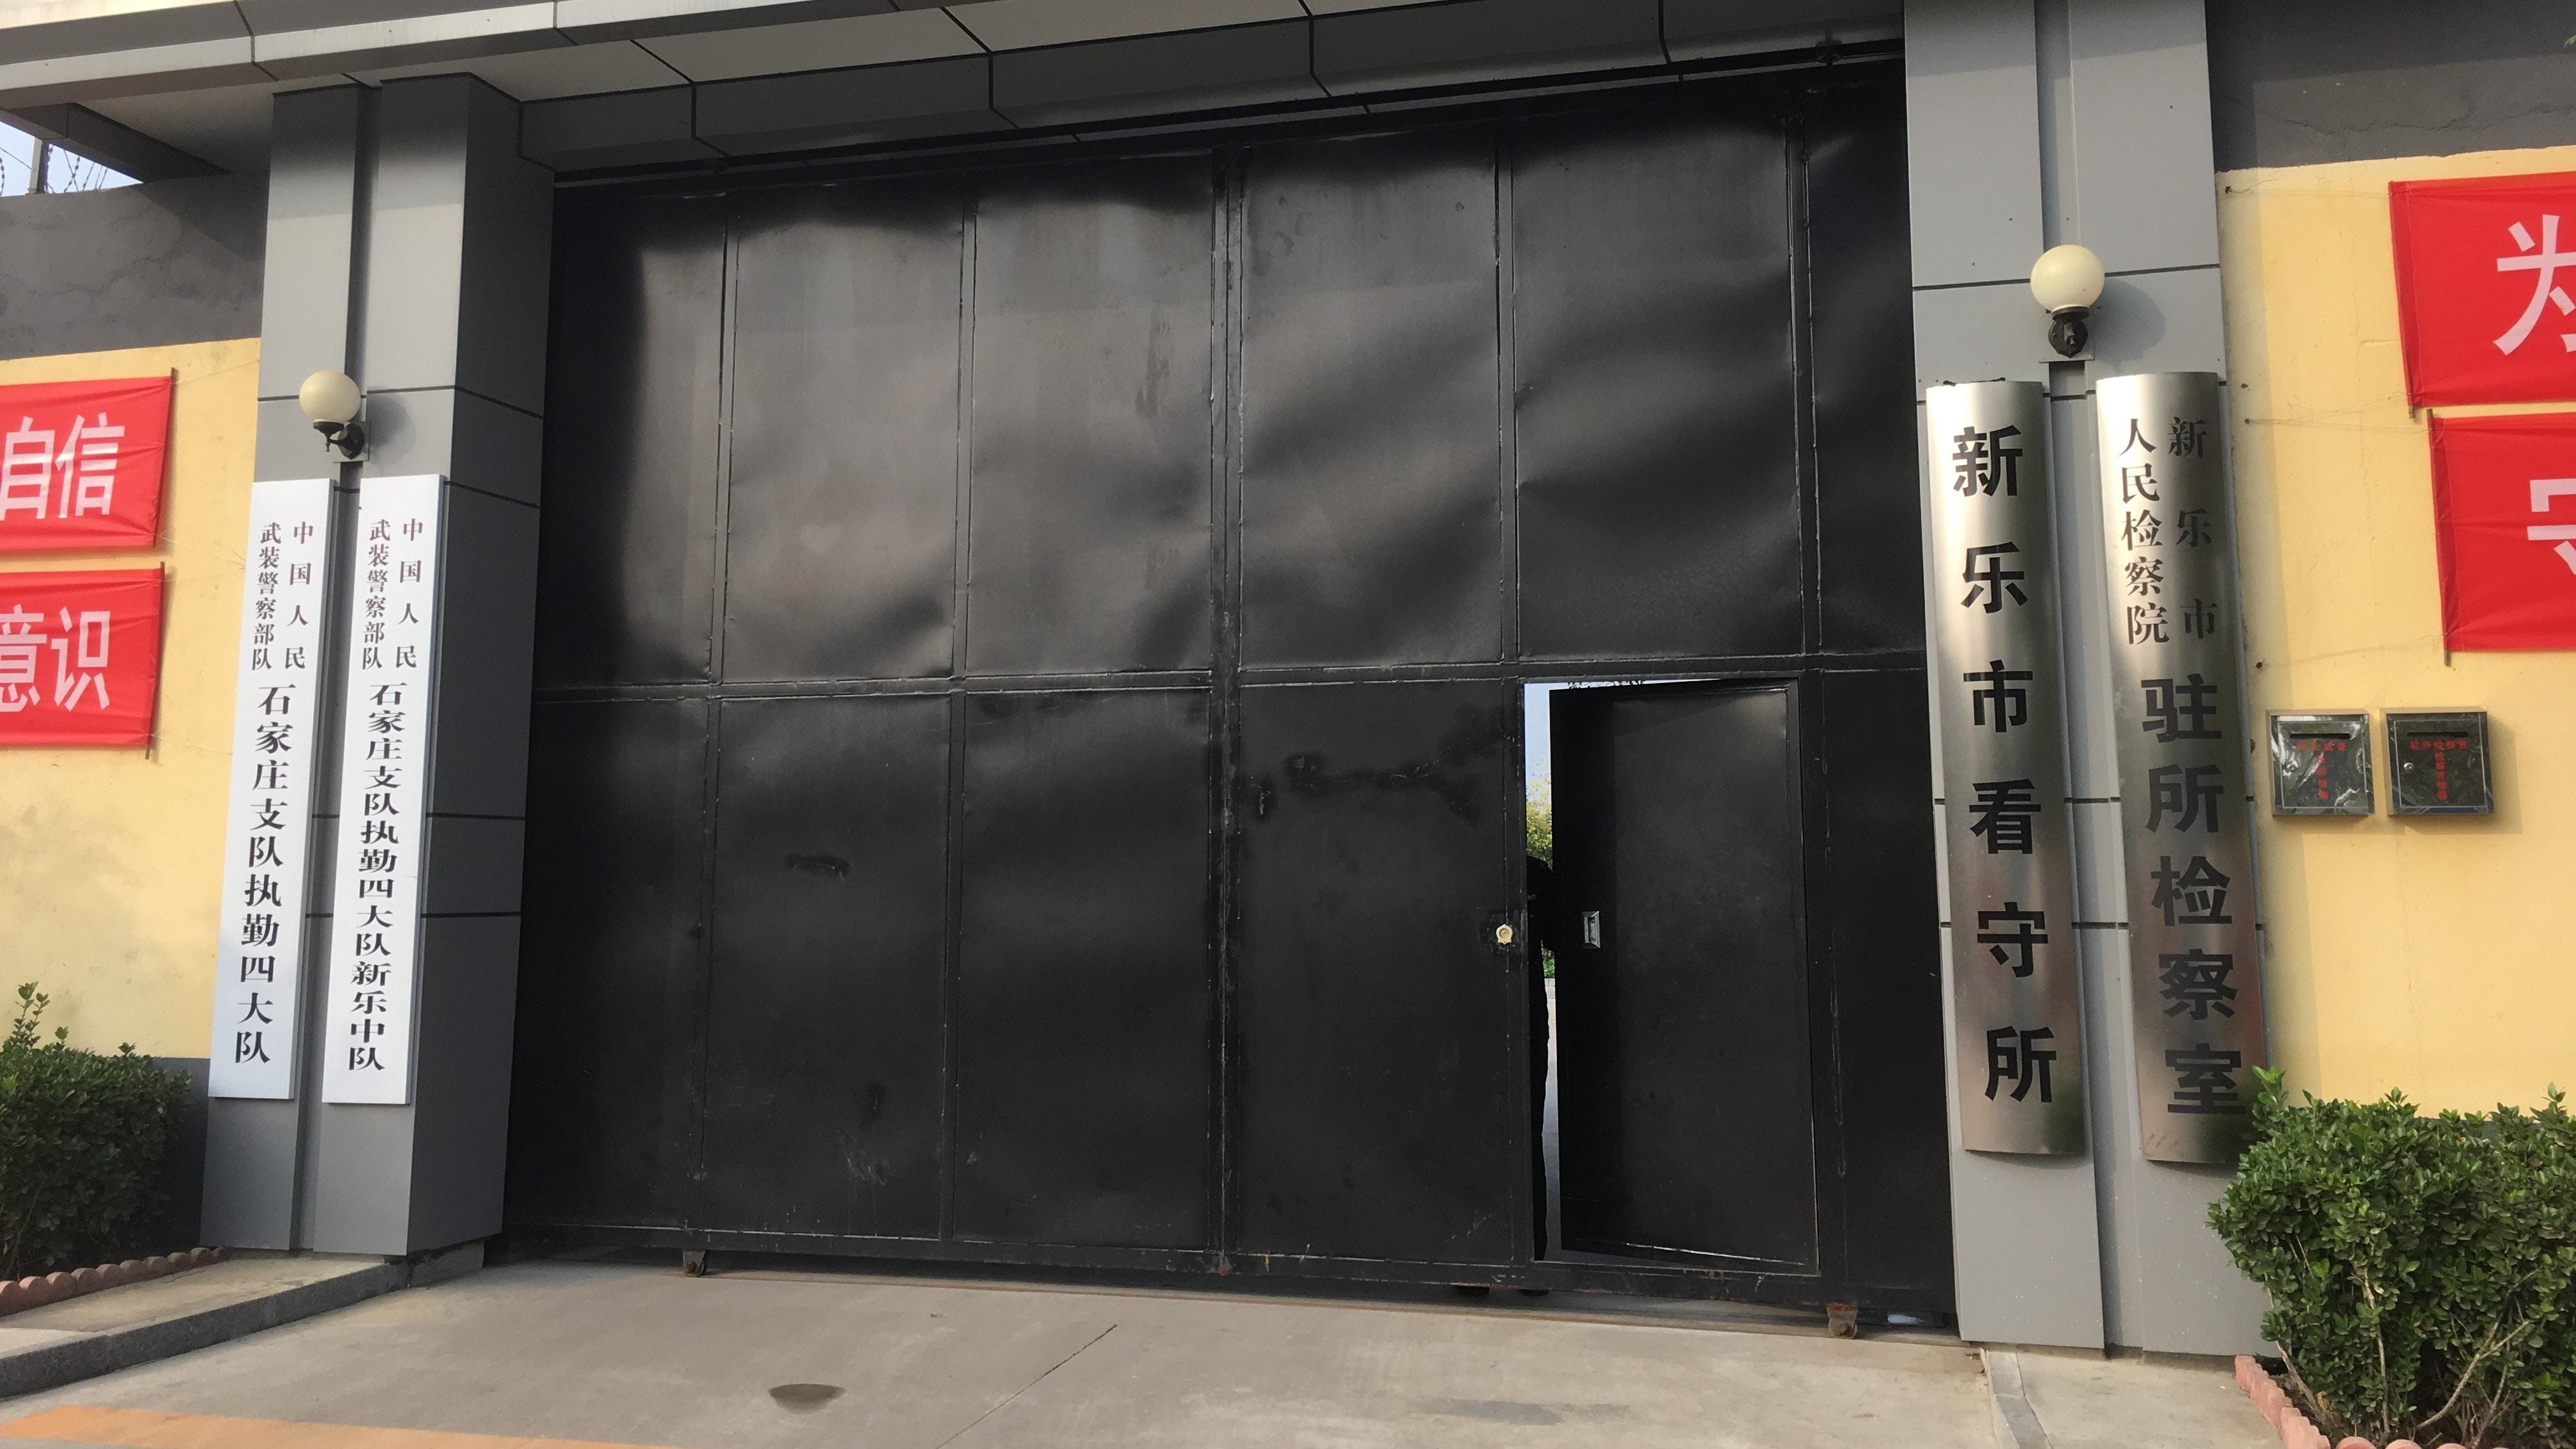 河北男涉危險駕駛罪被捕 羈押期間遭噴辣椒水毆打虐待死亡|香港01|大國小事